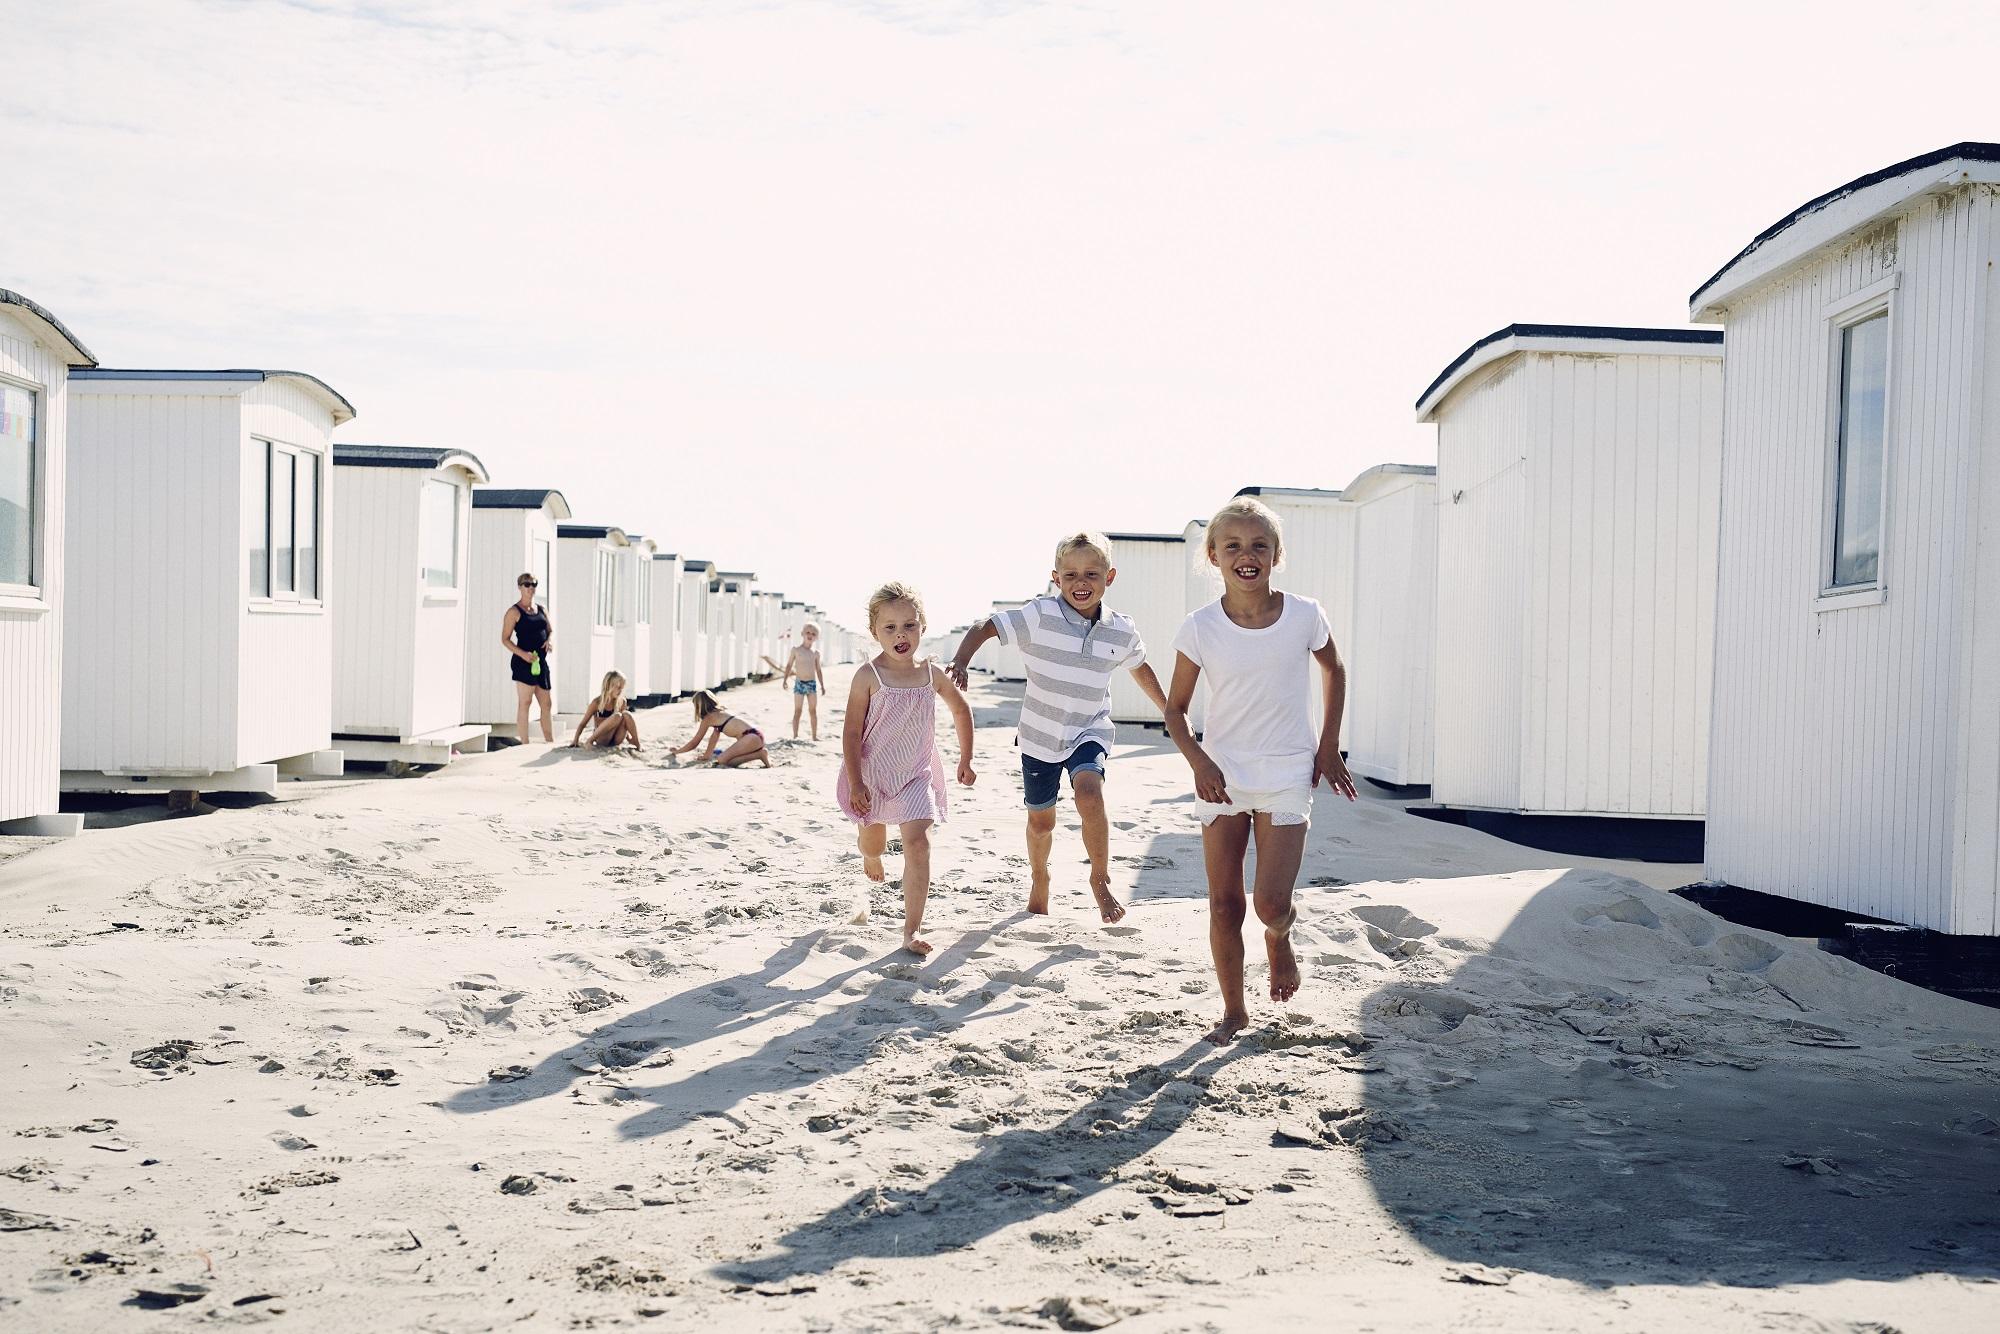 Årets sommerpakke fra Folketinget skal blandt andet hjælpe turisterhvervet i Danmark. Arkivpressefoto fra Dansk Kyst‑ og Naturturisme.